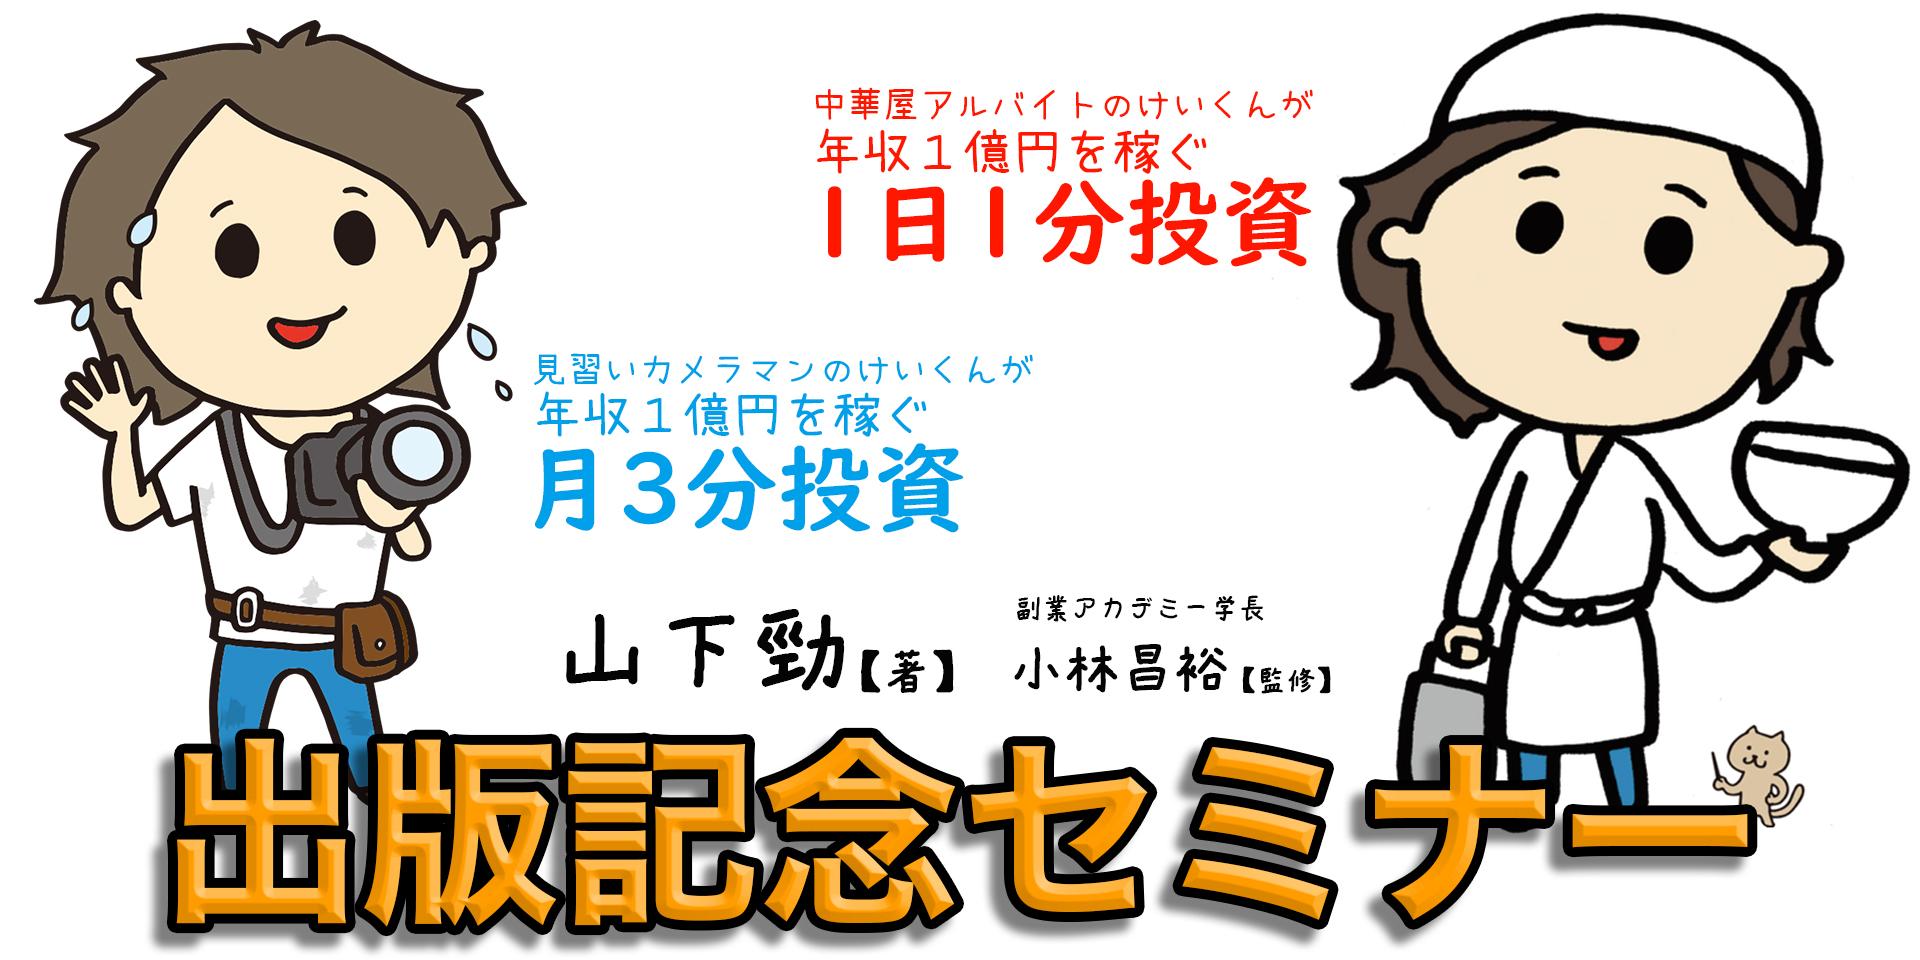 けいくん出版記念アイキャッチ2